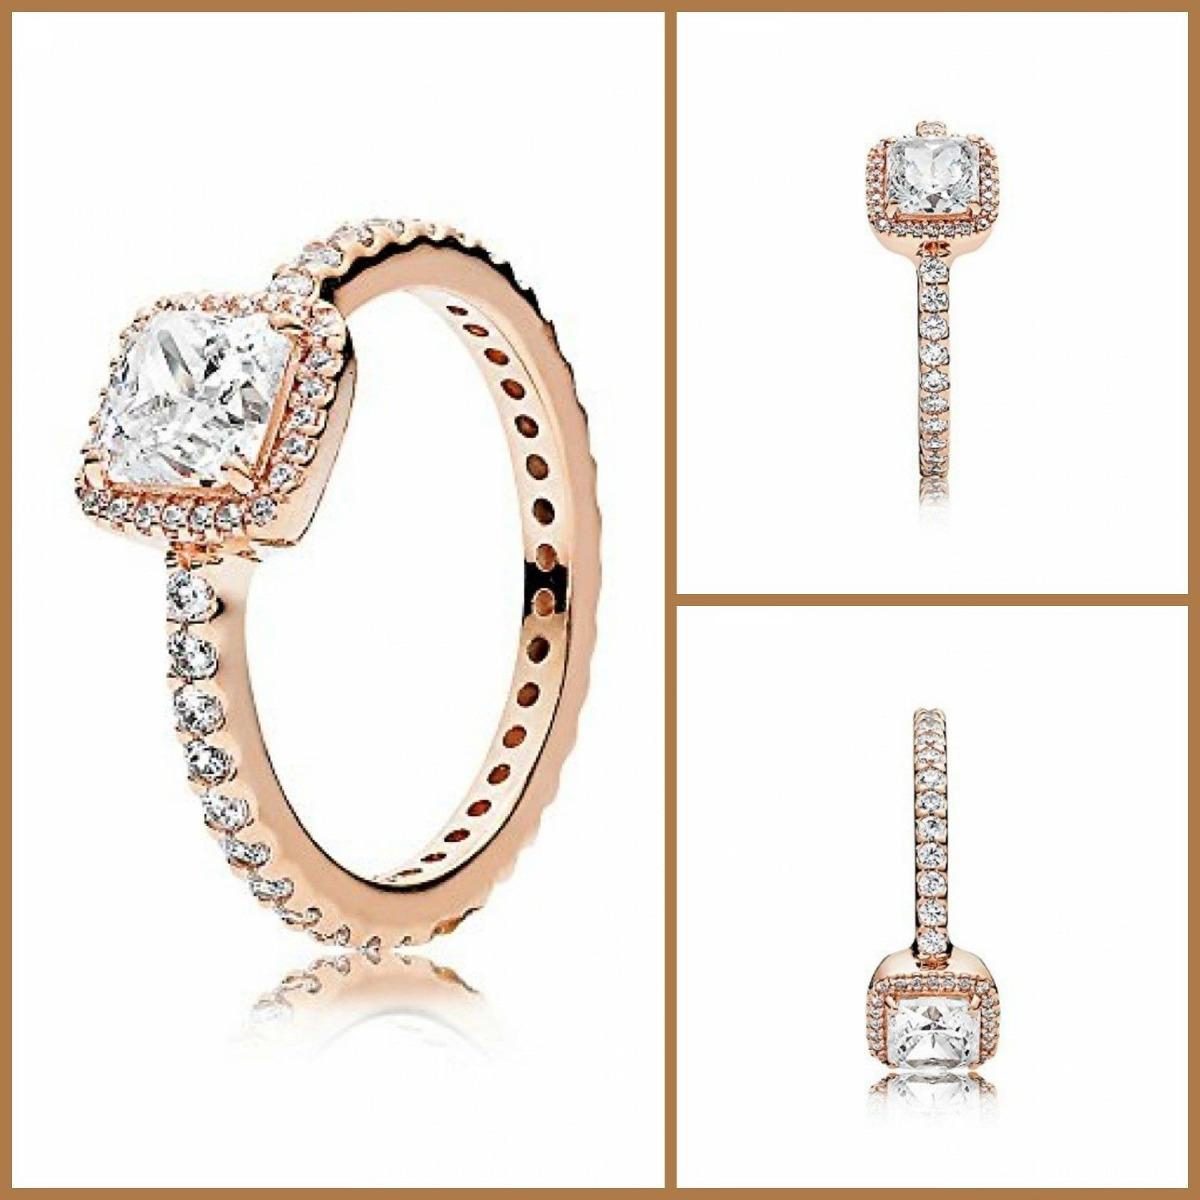 89587da4cdf2 elegancia atemporal anillo anillos de la joyería de oro rosa. Cargando zoom.